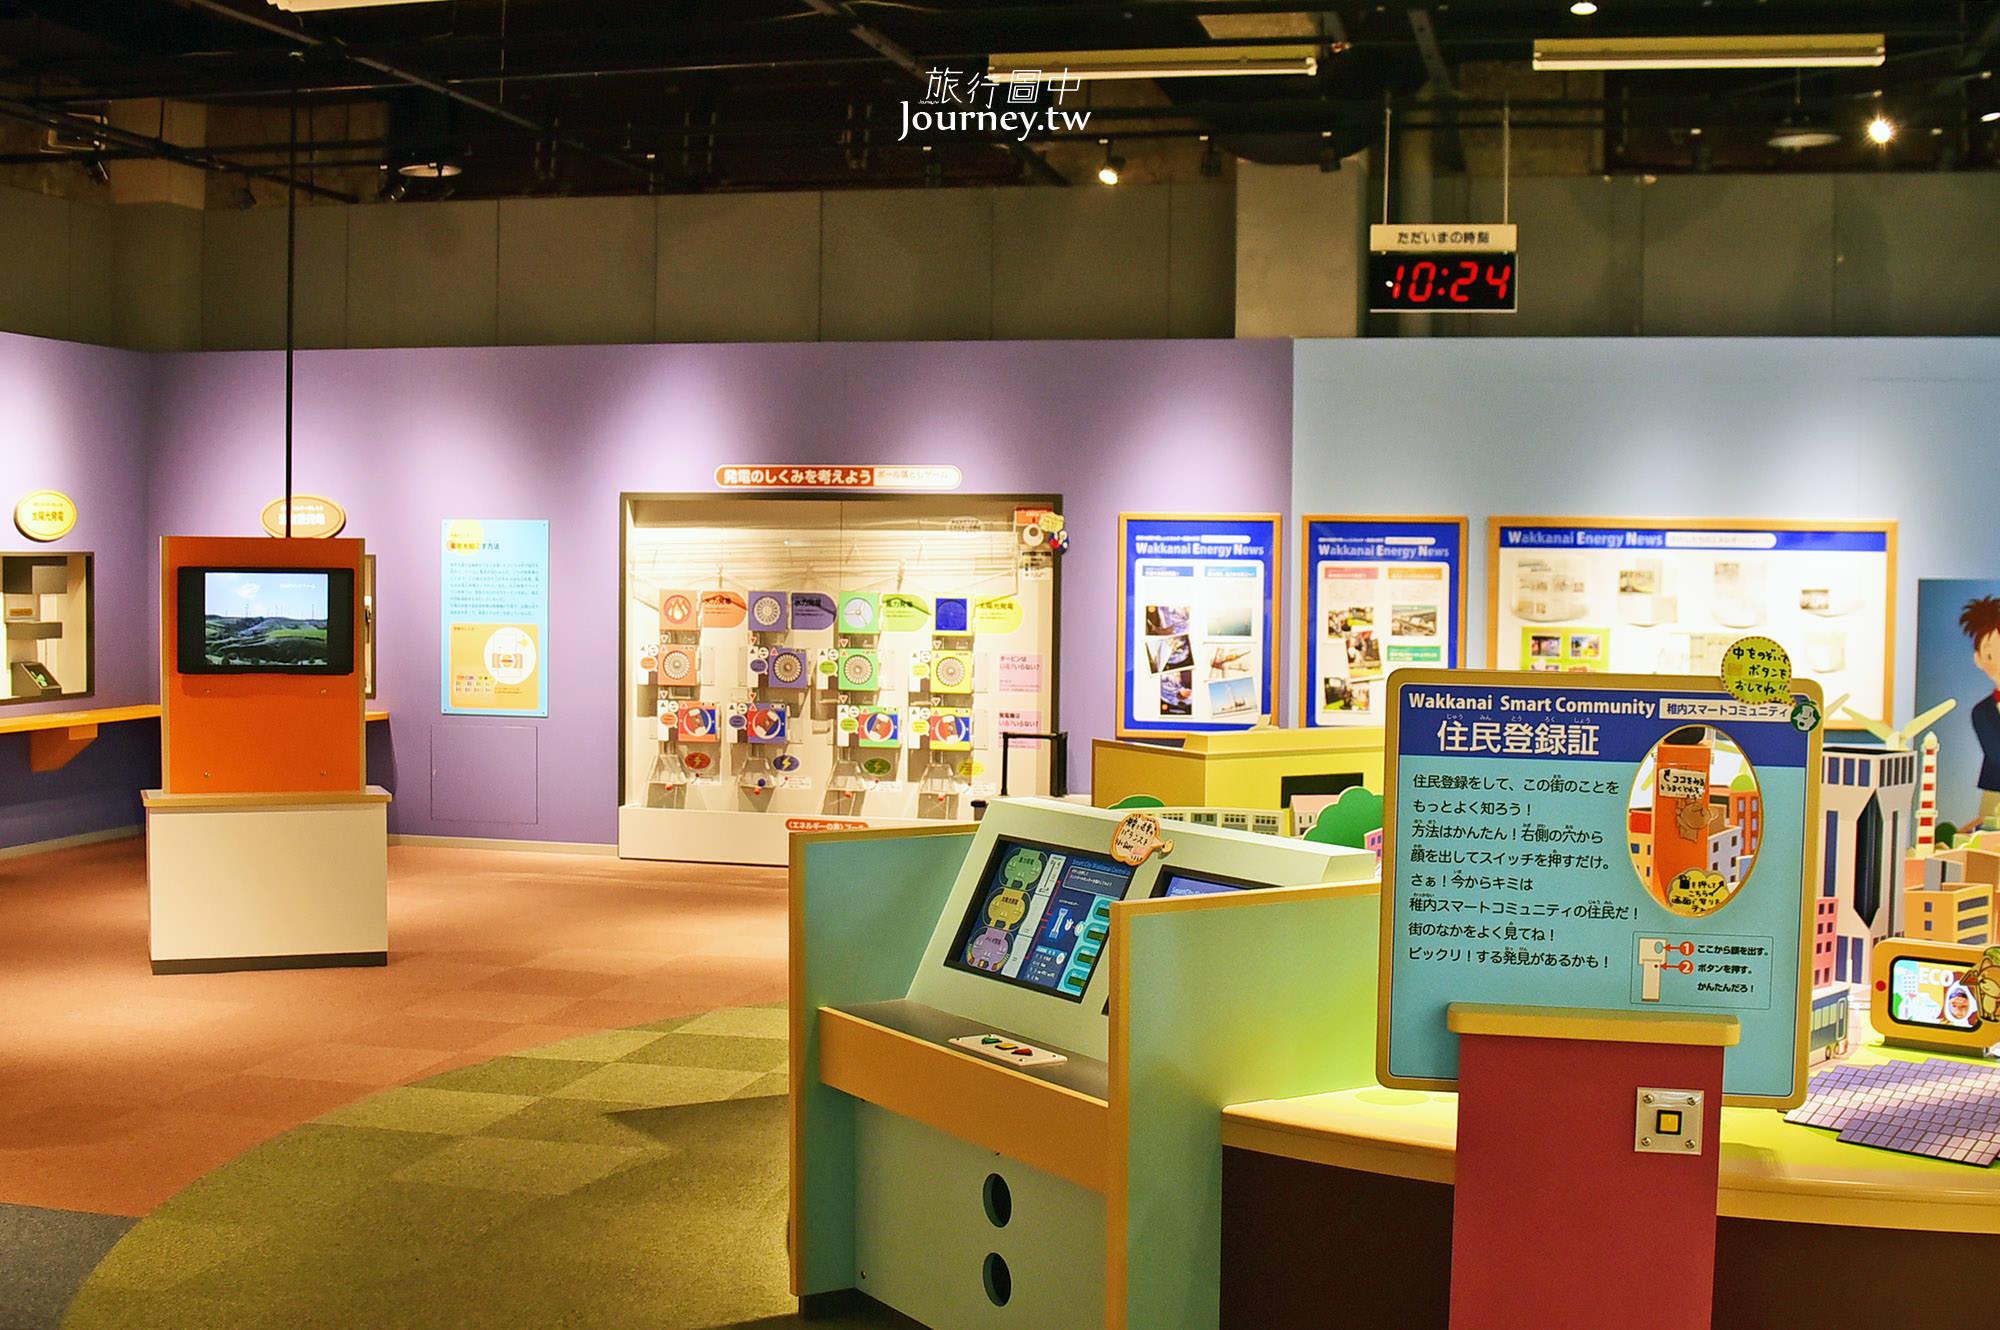 北海道,北海道景點,寒流水族館,稚內,稚內景點,稚內旅遊